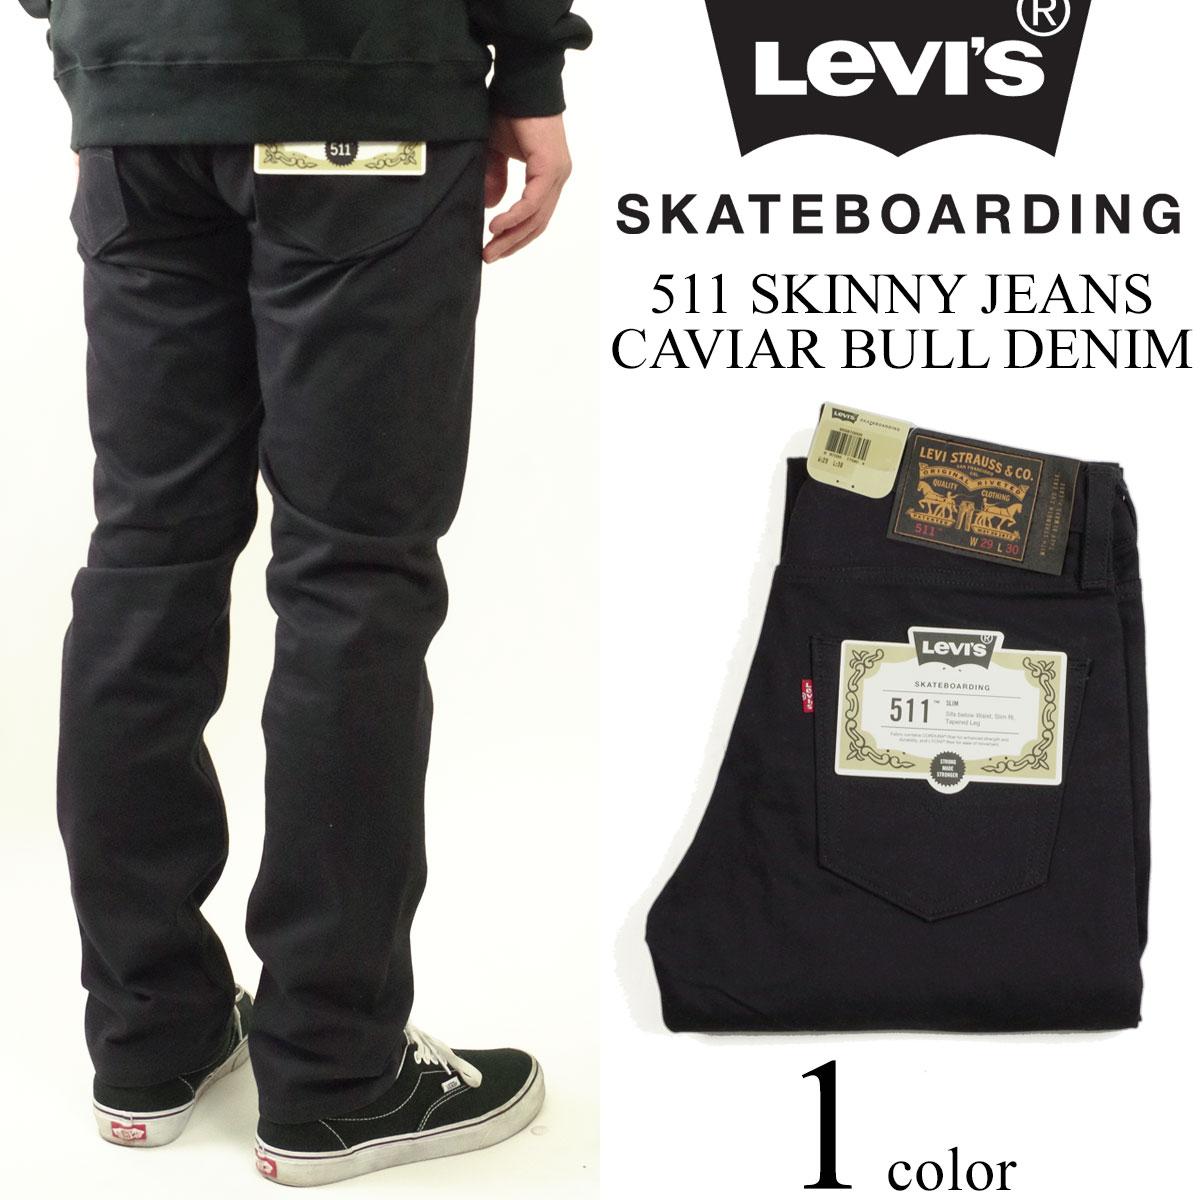 リーバイス スケートボーディング コレクション 511 スキニー ジーンズ キャビア ブルデニム(LEVI'S SKATEBOARDING COLLECTION)